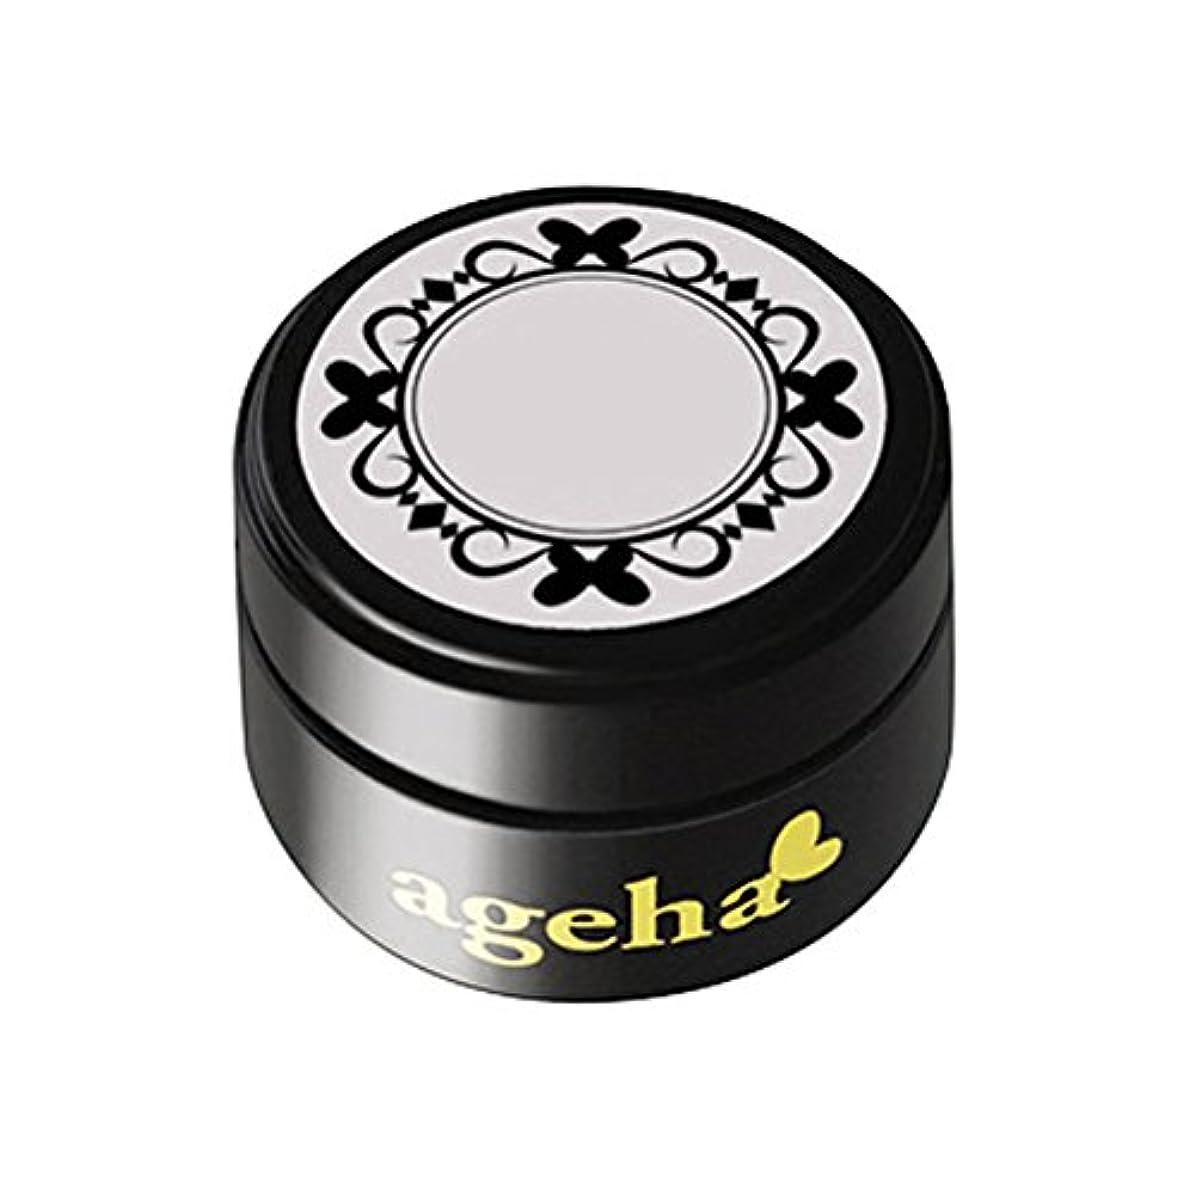 インチ原始的なマーガレットミッチェルageha gel カラージェル コスメカラー 218 キャンディーハート 2.7g UV/LED対応